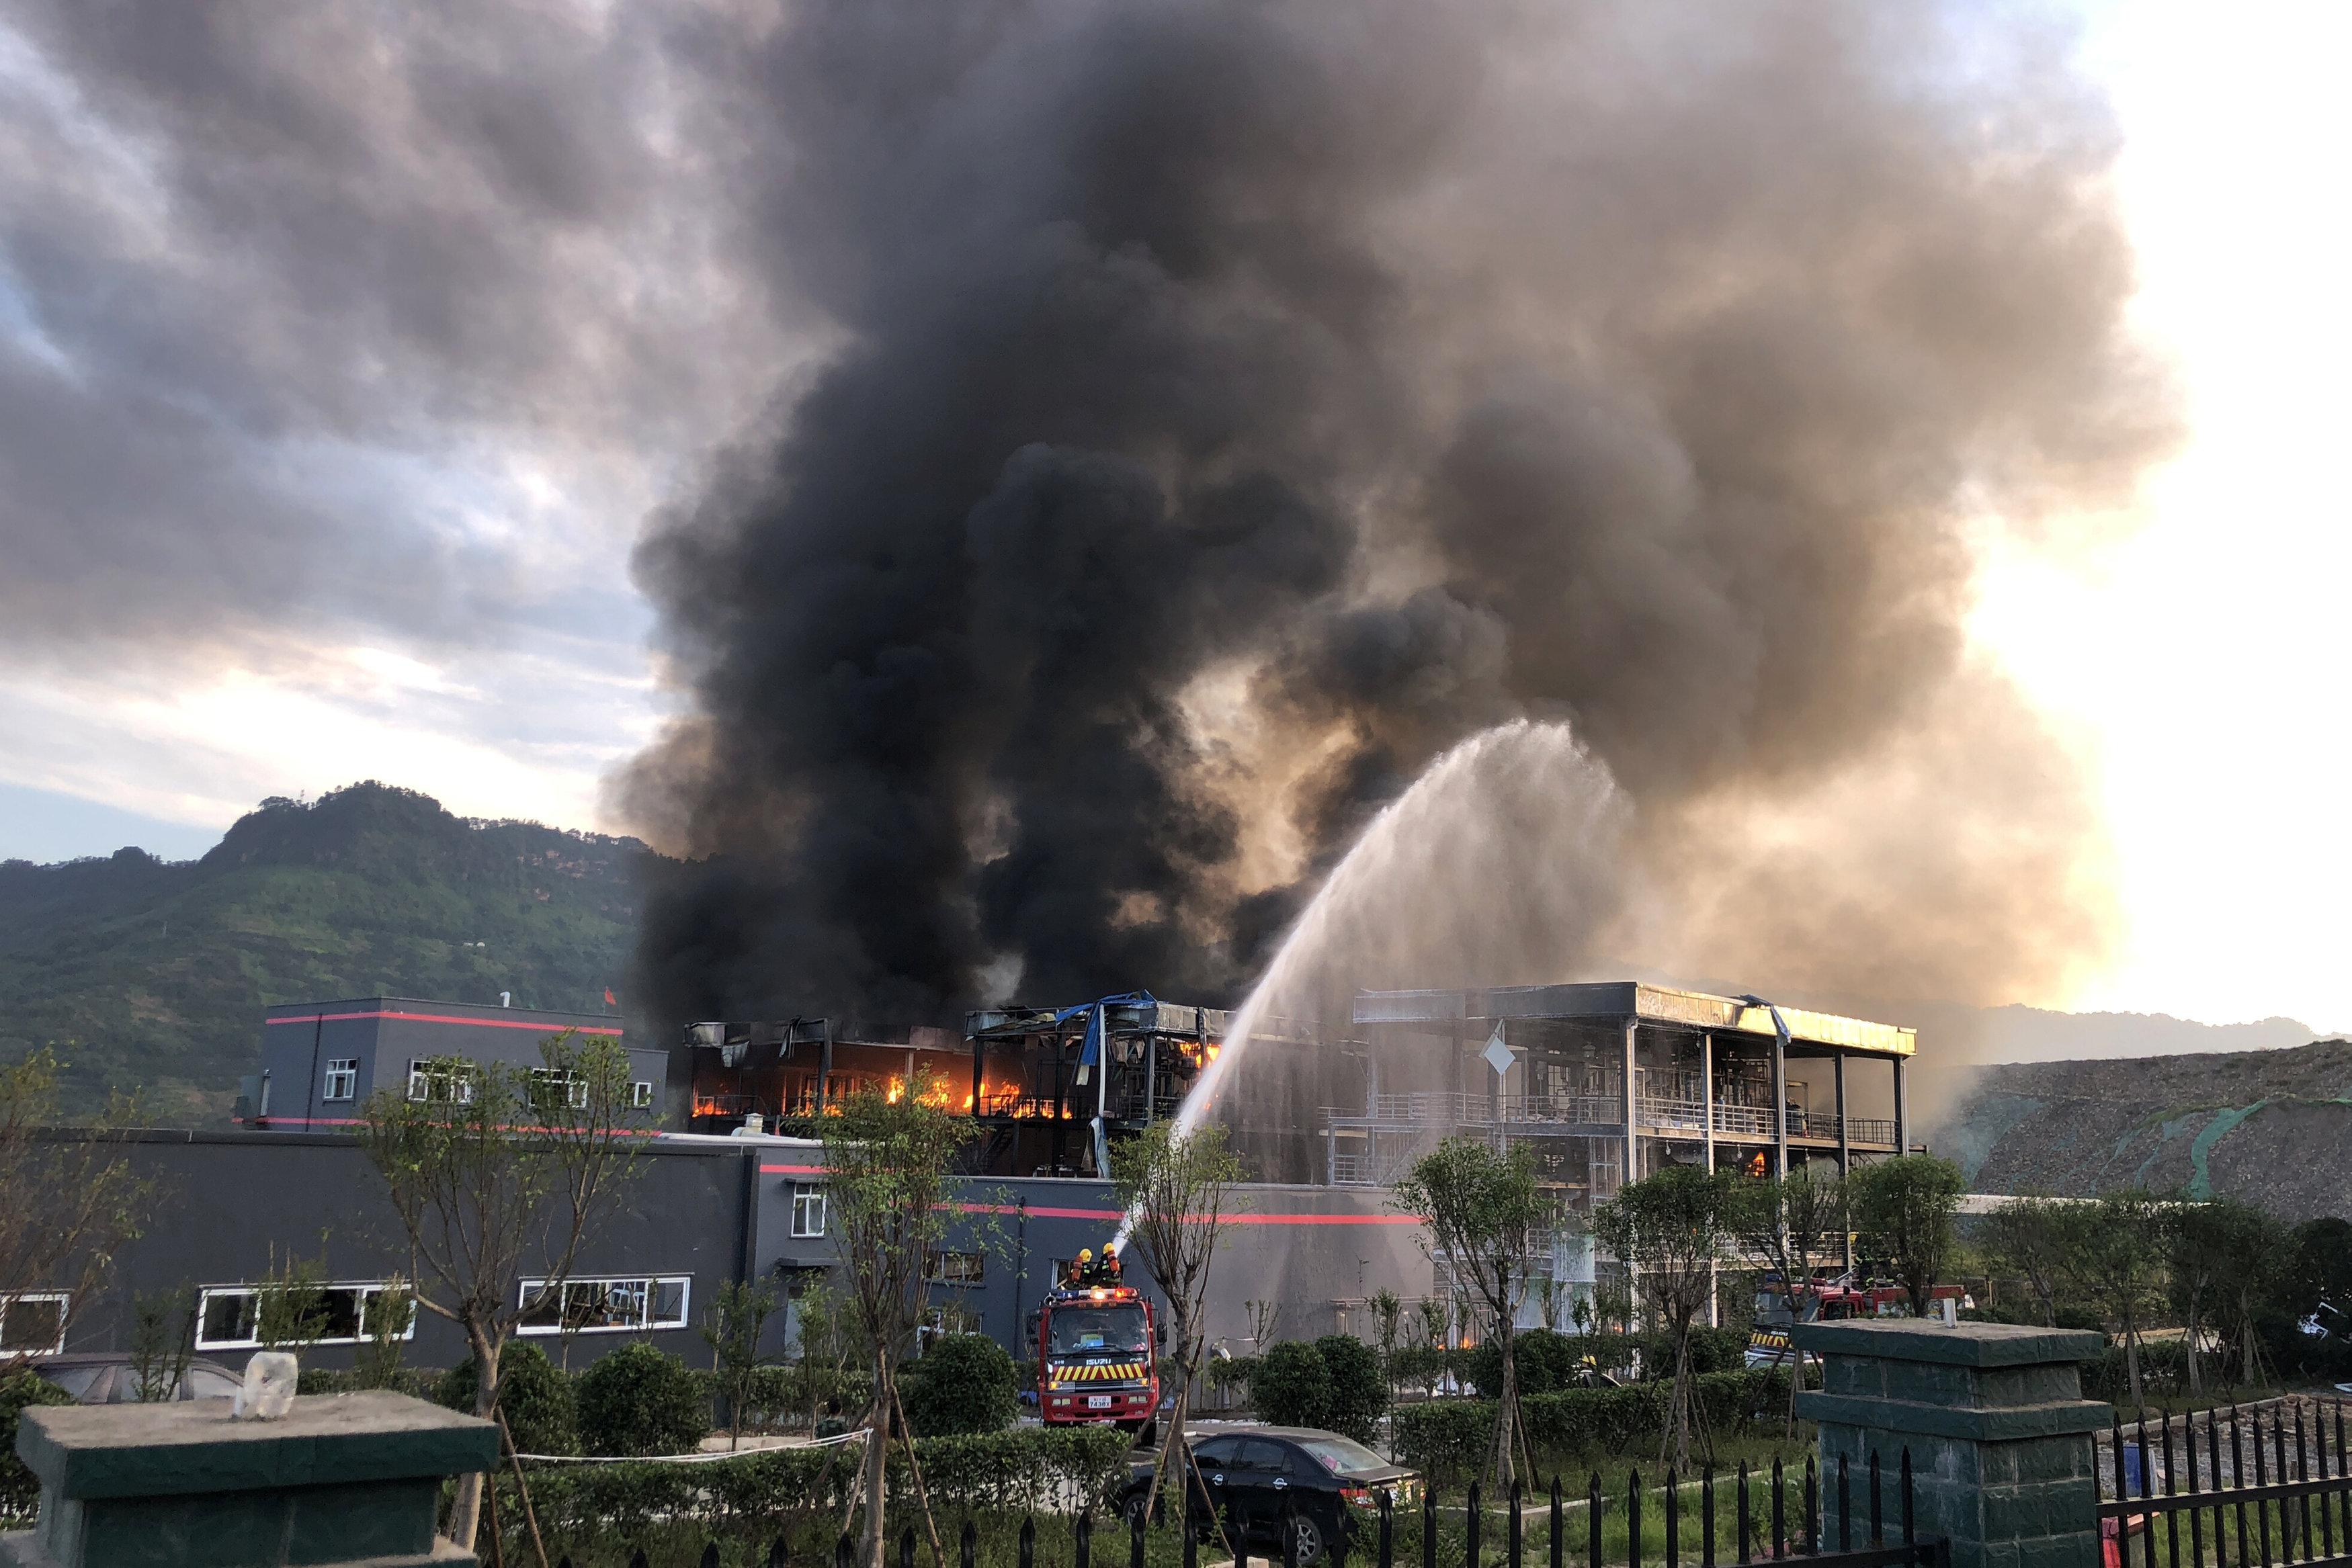 В Китае в промышленном парке произошел взрыв, начался пожар, погибли 19 человек